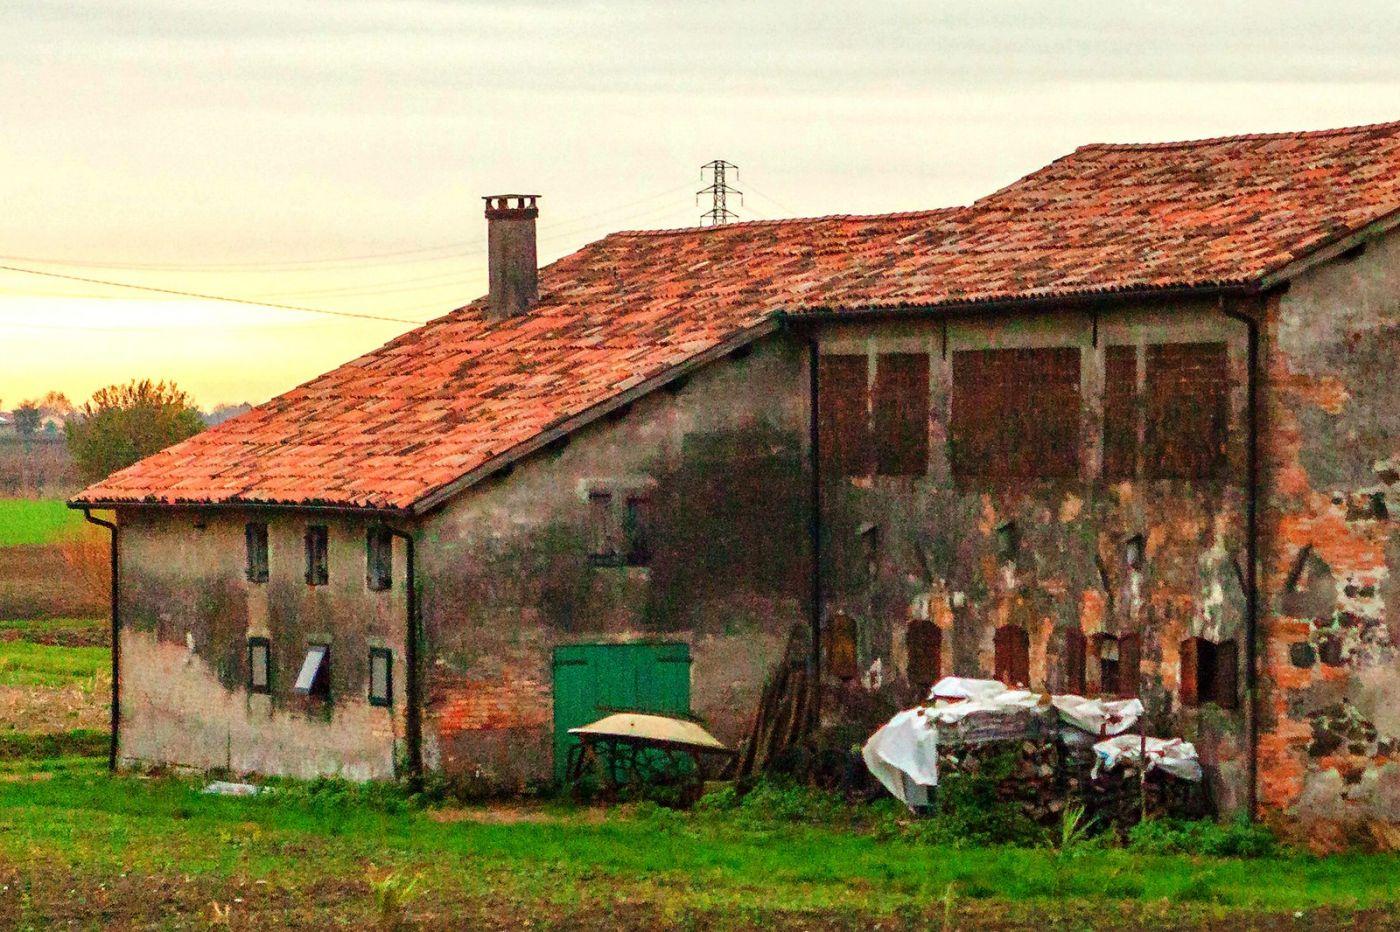 意大利路途,黄昏时的乡村_图1-28